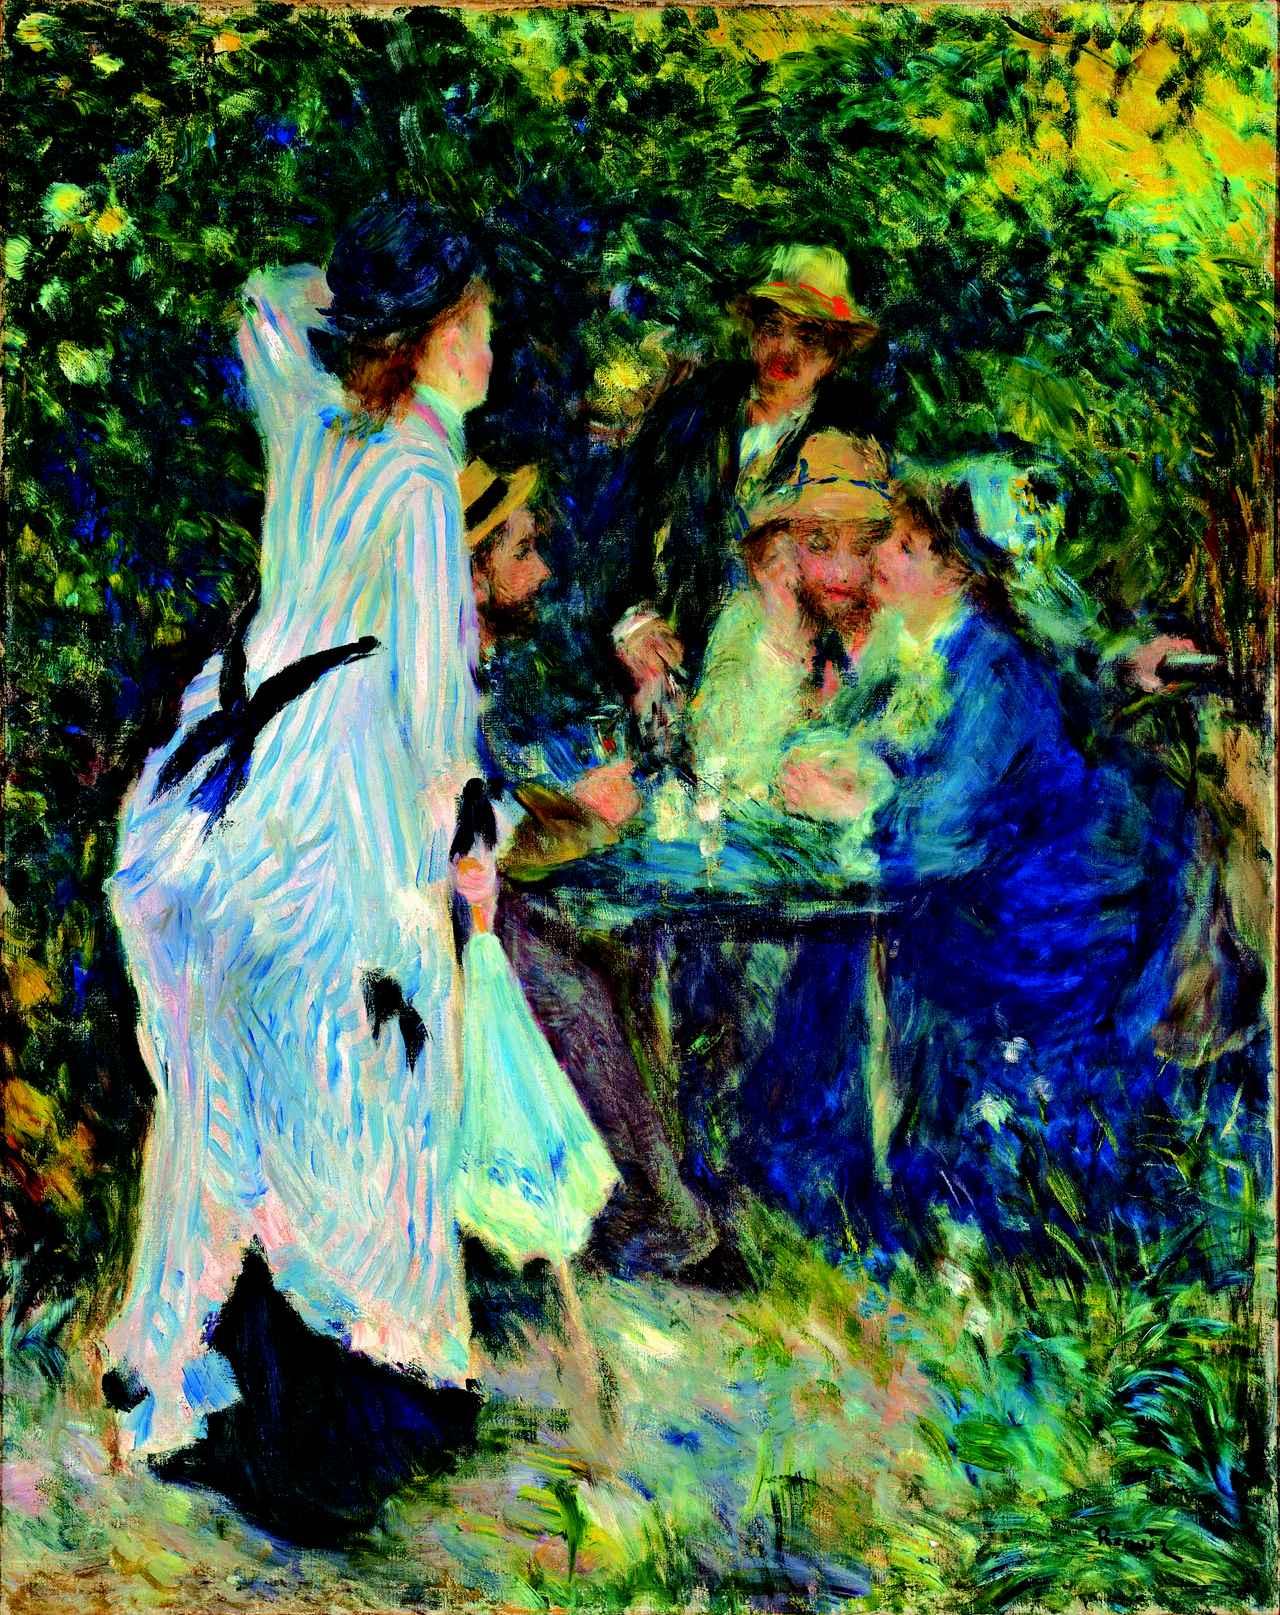 画像: ピエール=オーギュスト・ルノワール 《庭にて、ムーラン・ド・ラ・ギャレットの木陰》 1876年 油彩・カンヴァス Ⓒ The Pushkin State Museum of Fine Arts, Moscow.